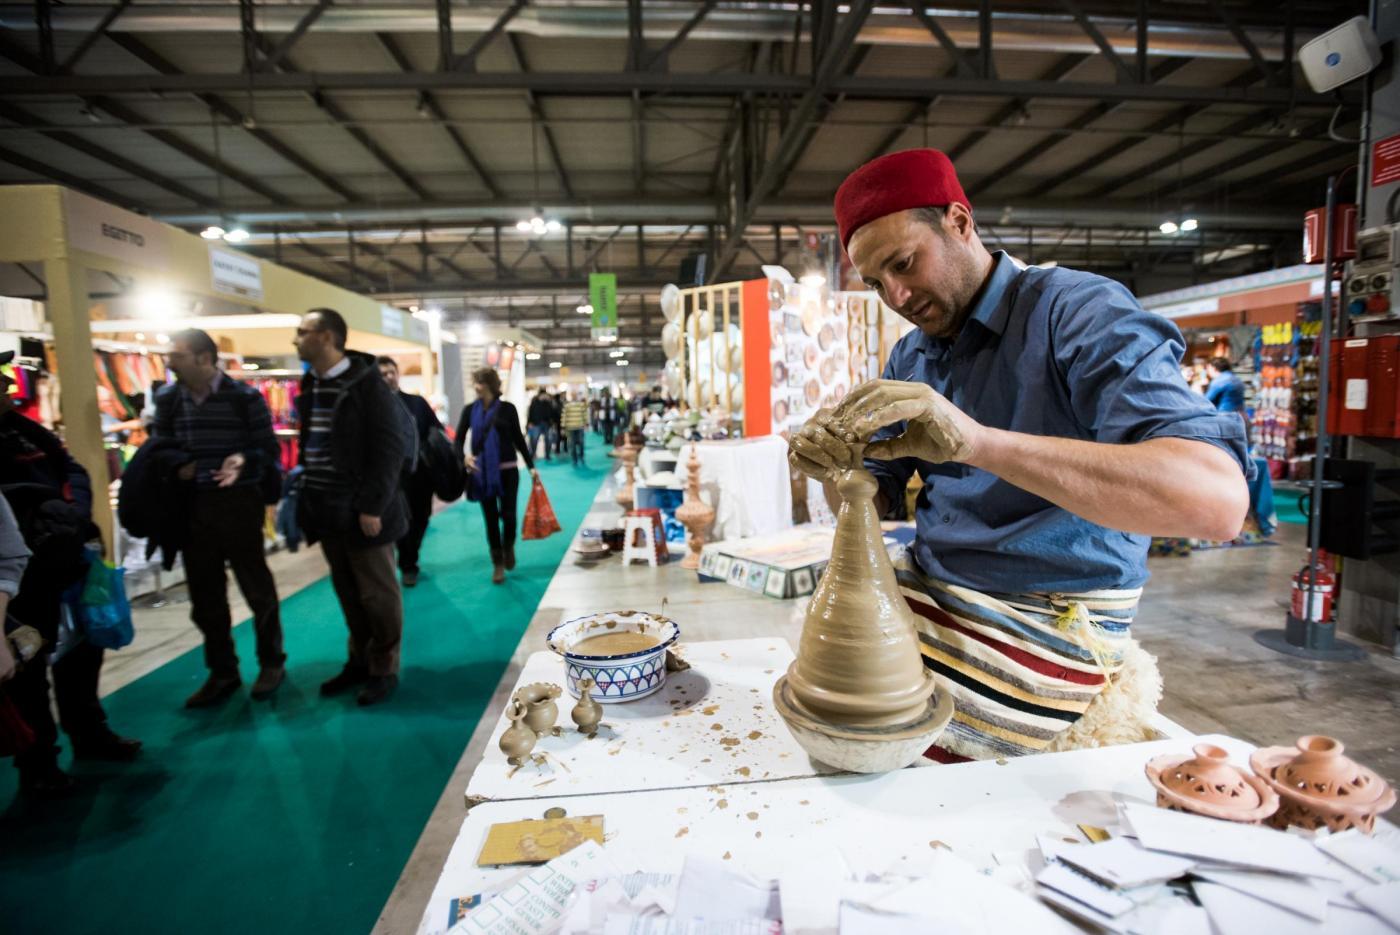 Milano l 39 artigiano in fiera testimonianza della vitalit for Rho fiera milano 2016